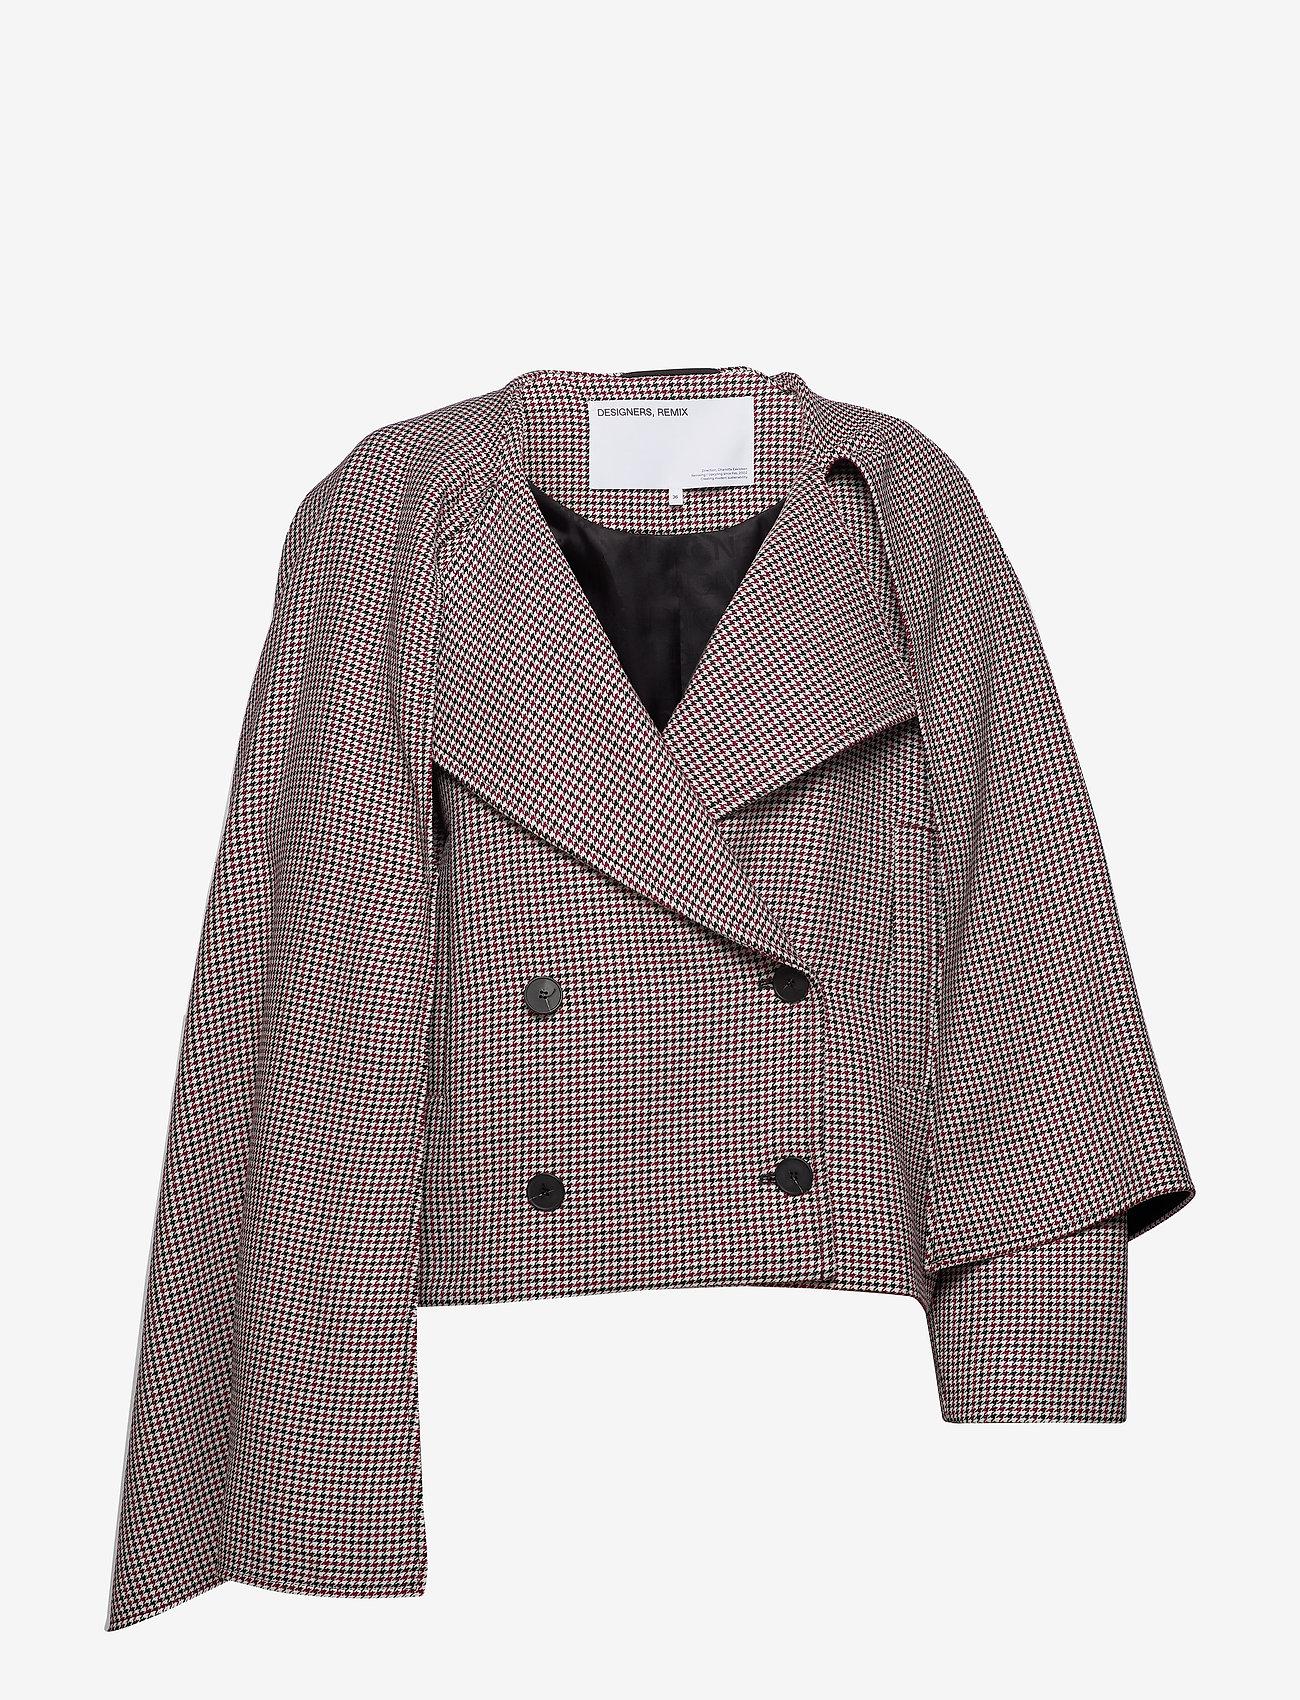 Designers, Remix Debra Short Coat - Jackor & Kappor Check